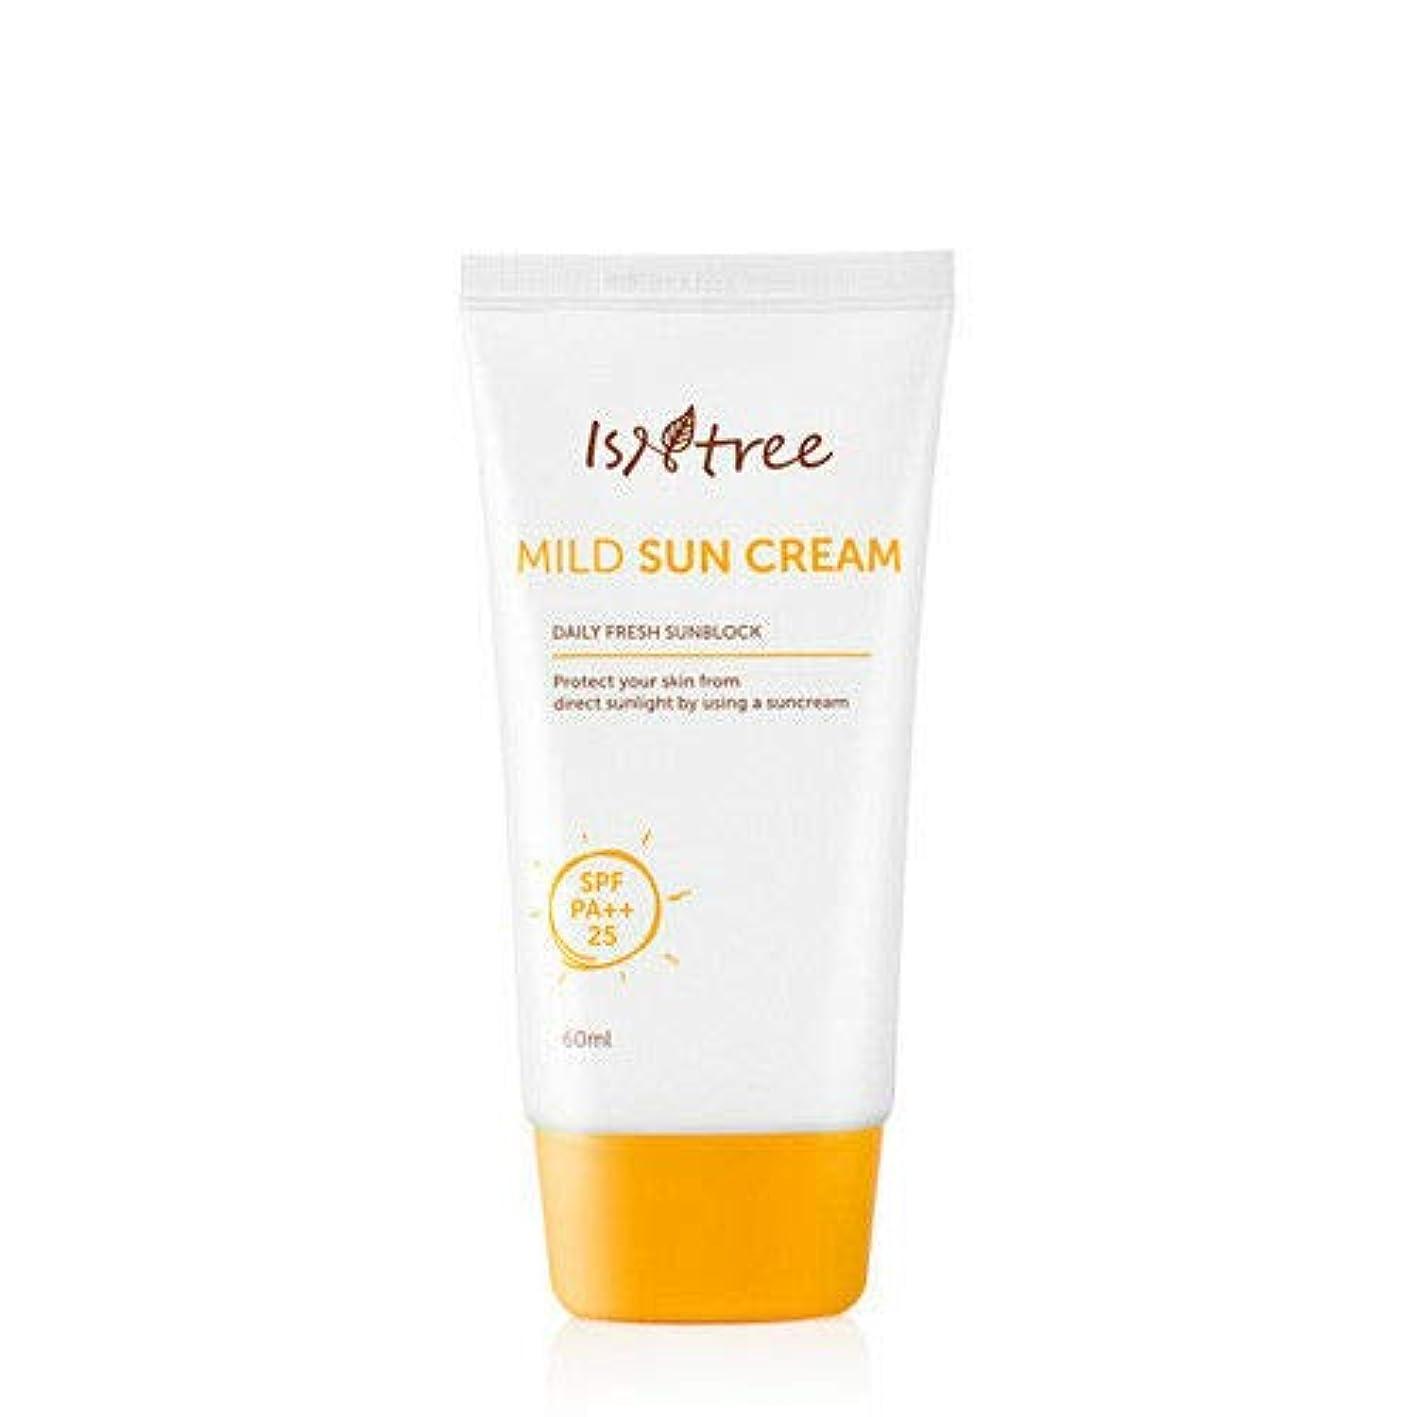 ISNTREE マイルドサンクリーム (60ml) SPF25 /PA ++ Mild Sun Cream 韓国 日焼け止め IS&TREE